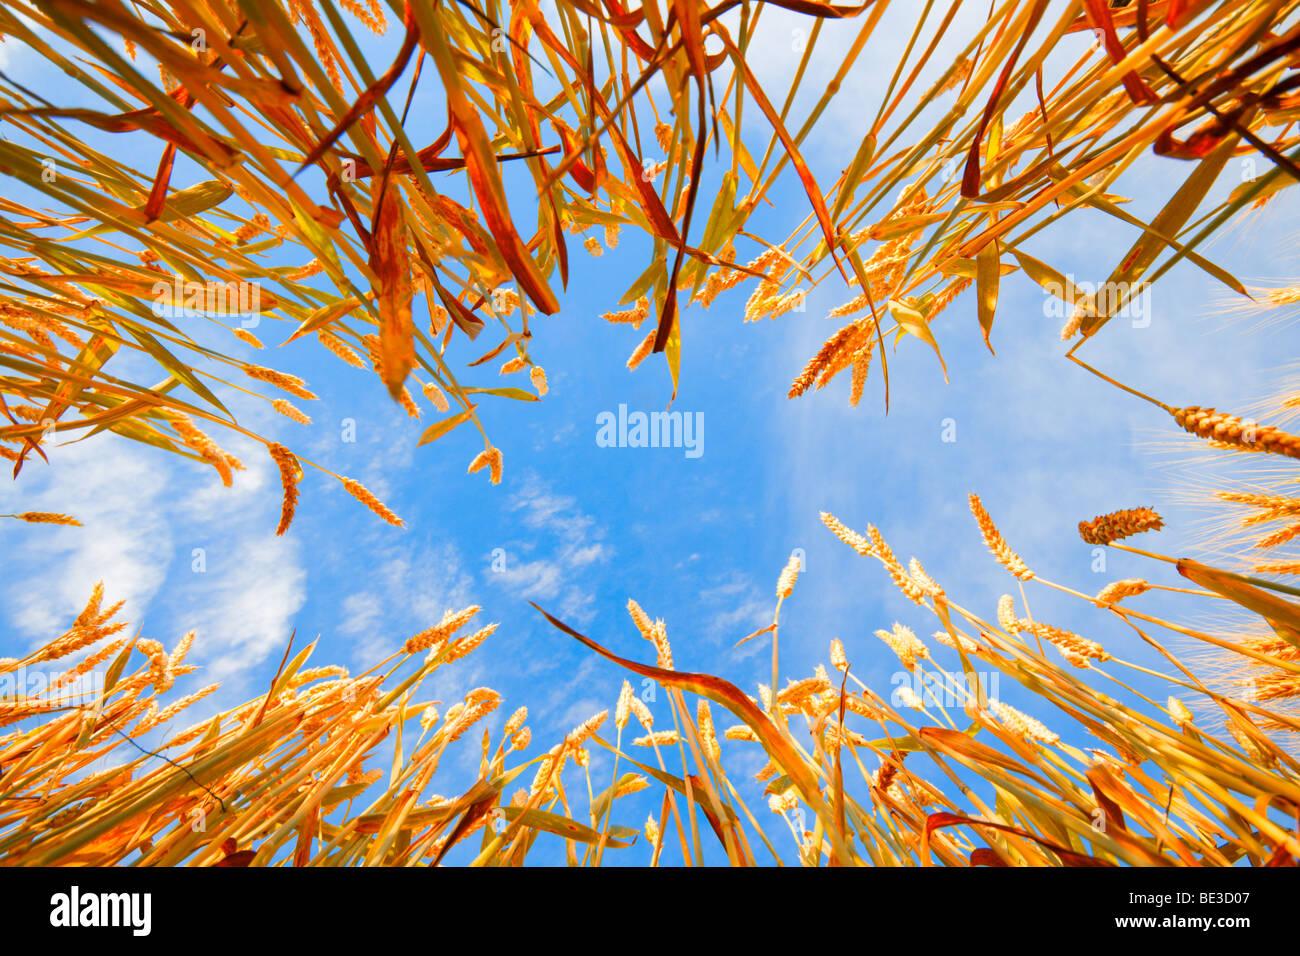 Sky enmarcadas con espigas de trigo Imagen De Stock